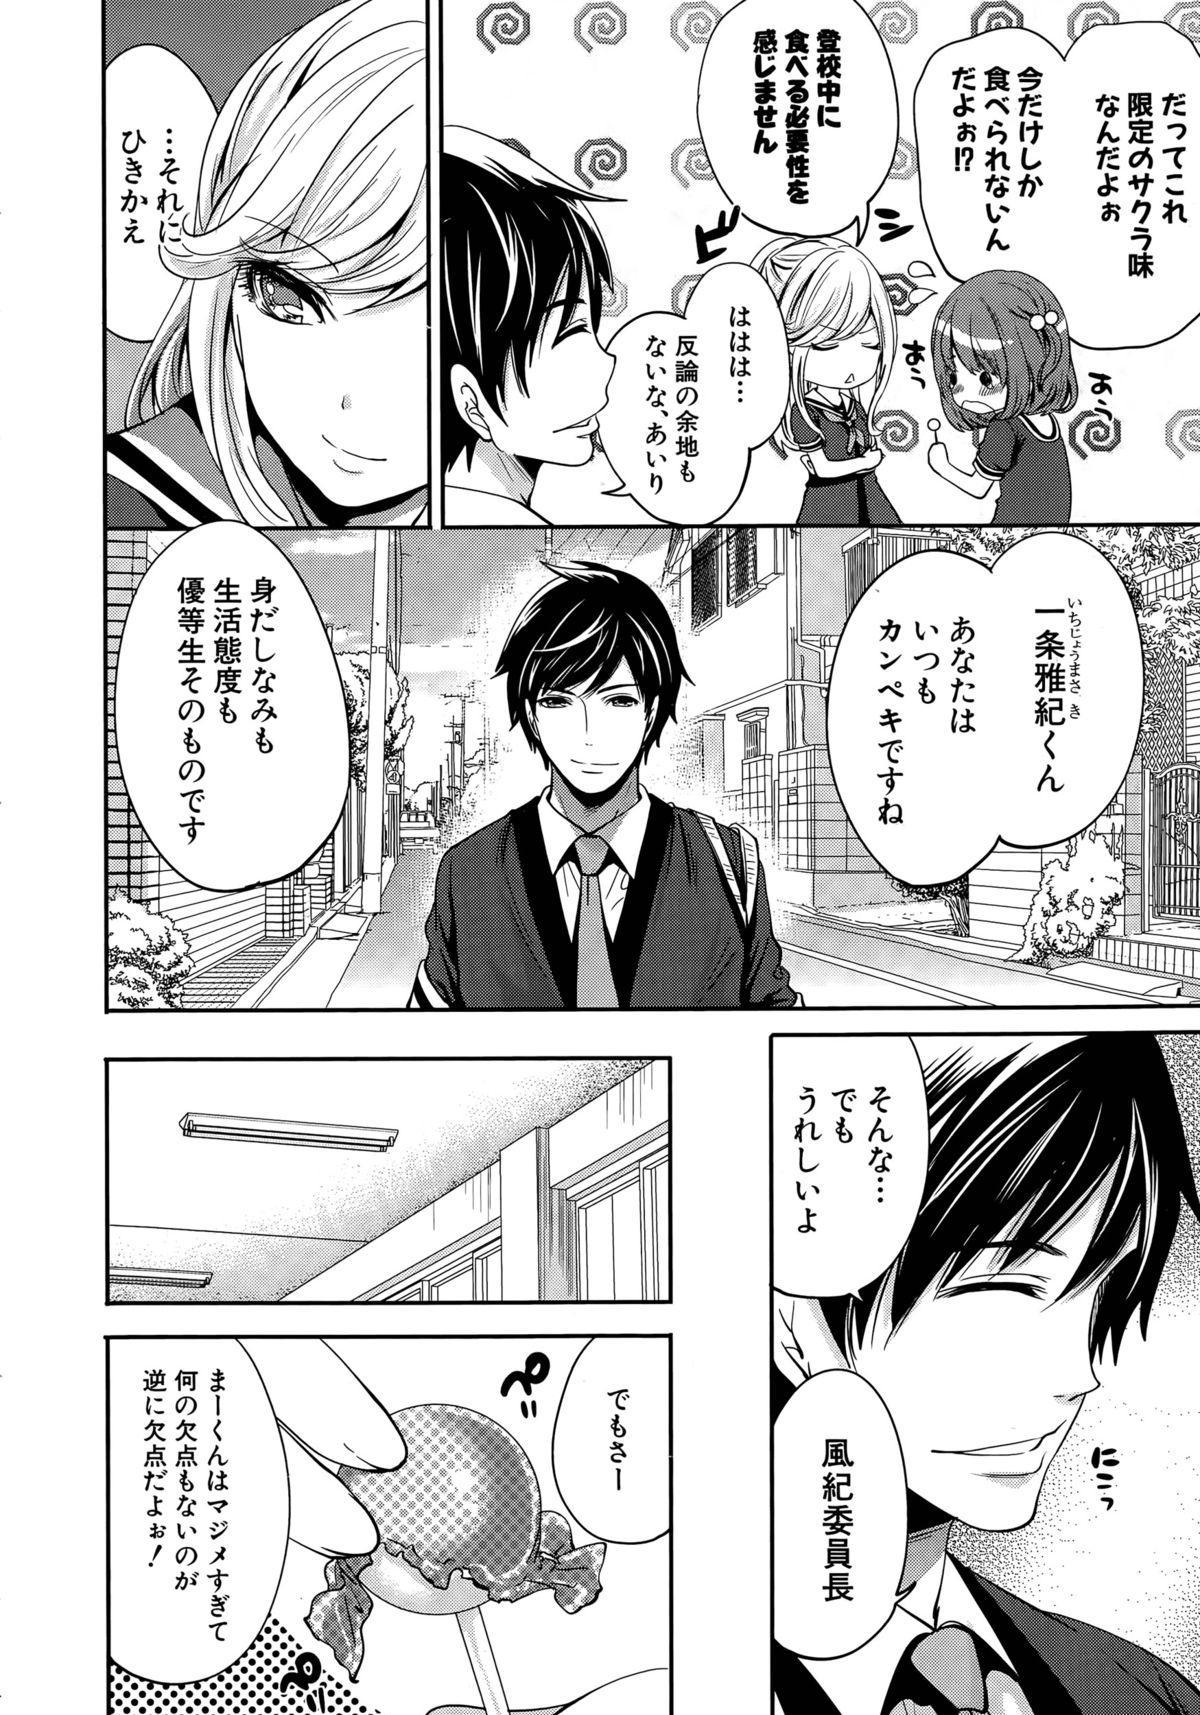 [Miyahara Ayumu] Kanojo-tachi wa Abakareta Ch. 1-2 3